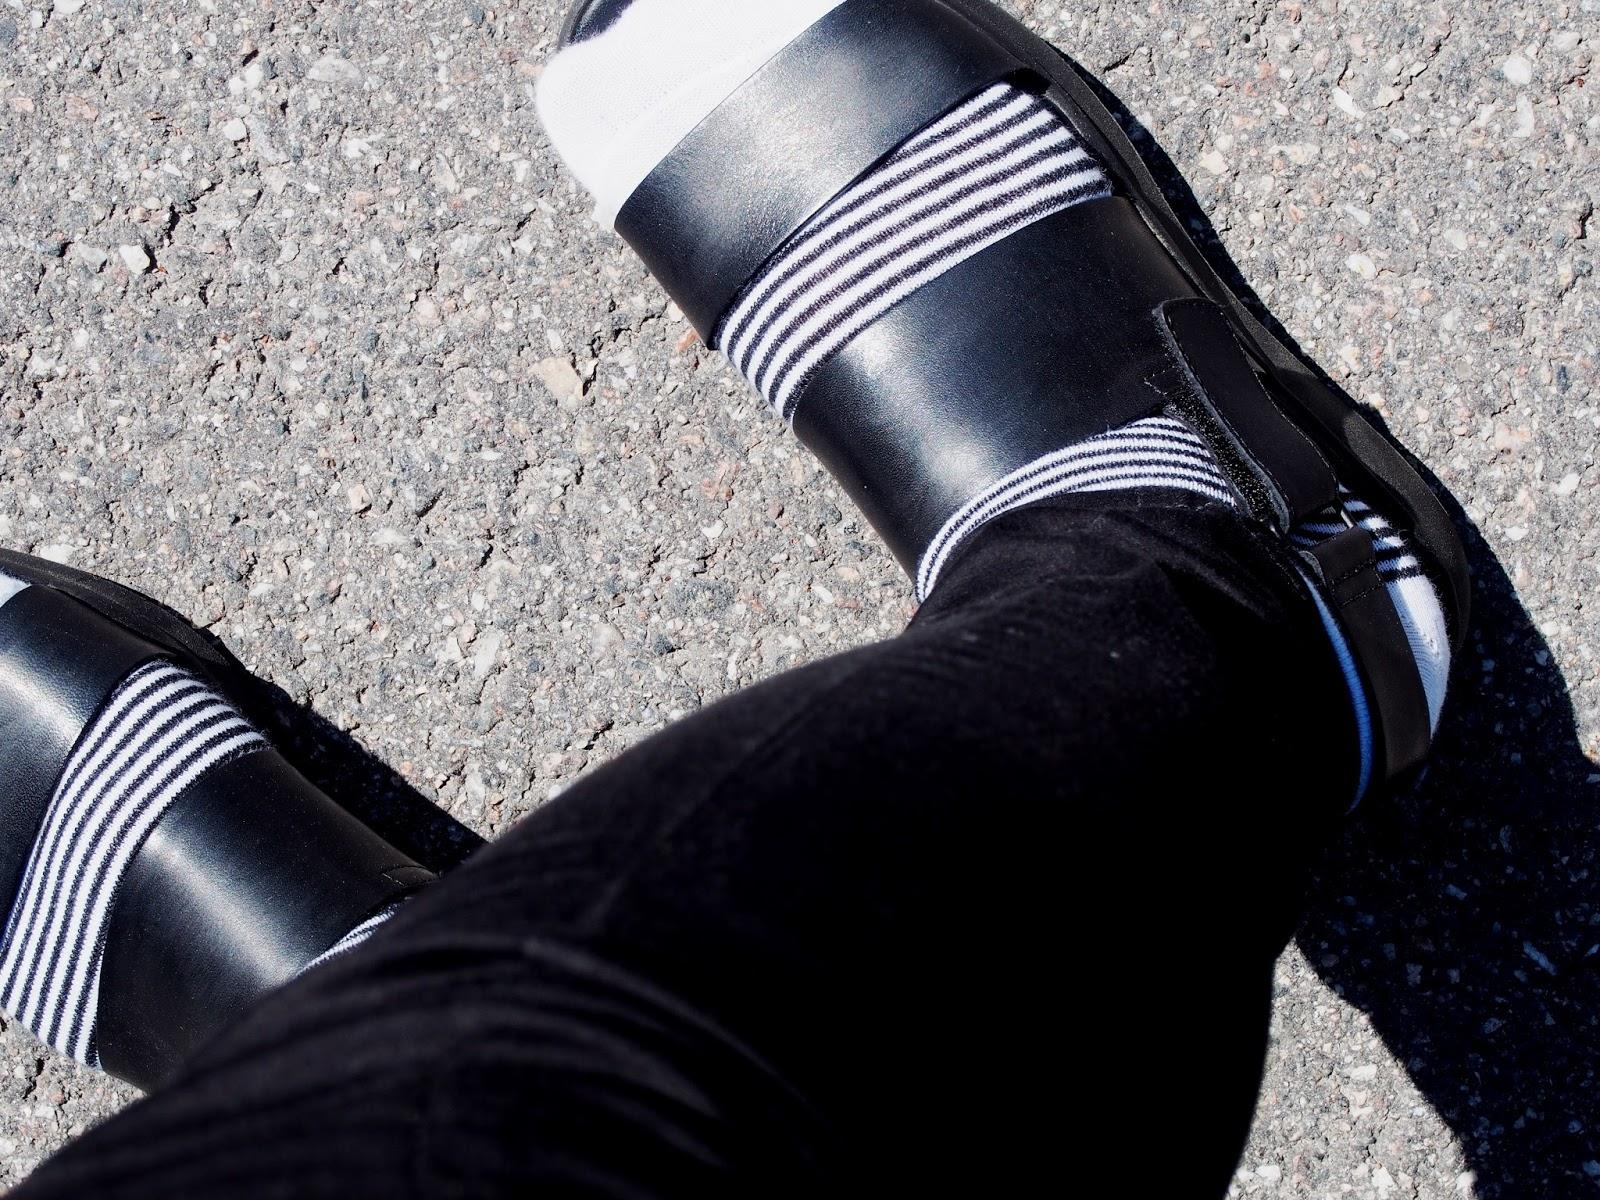 outfit asu päivän asu kengät sandaalit kesä summer style tyyli viileä cold sateinen rainy day päivä ulkoilu outdoors runway style muoti fashion